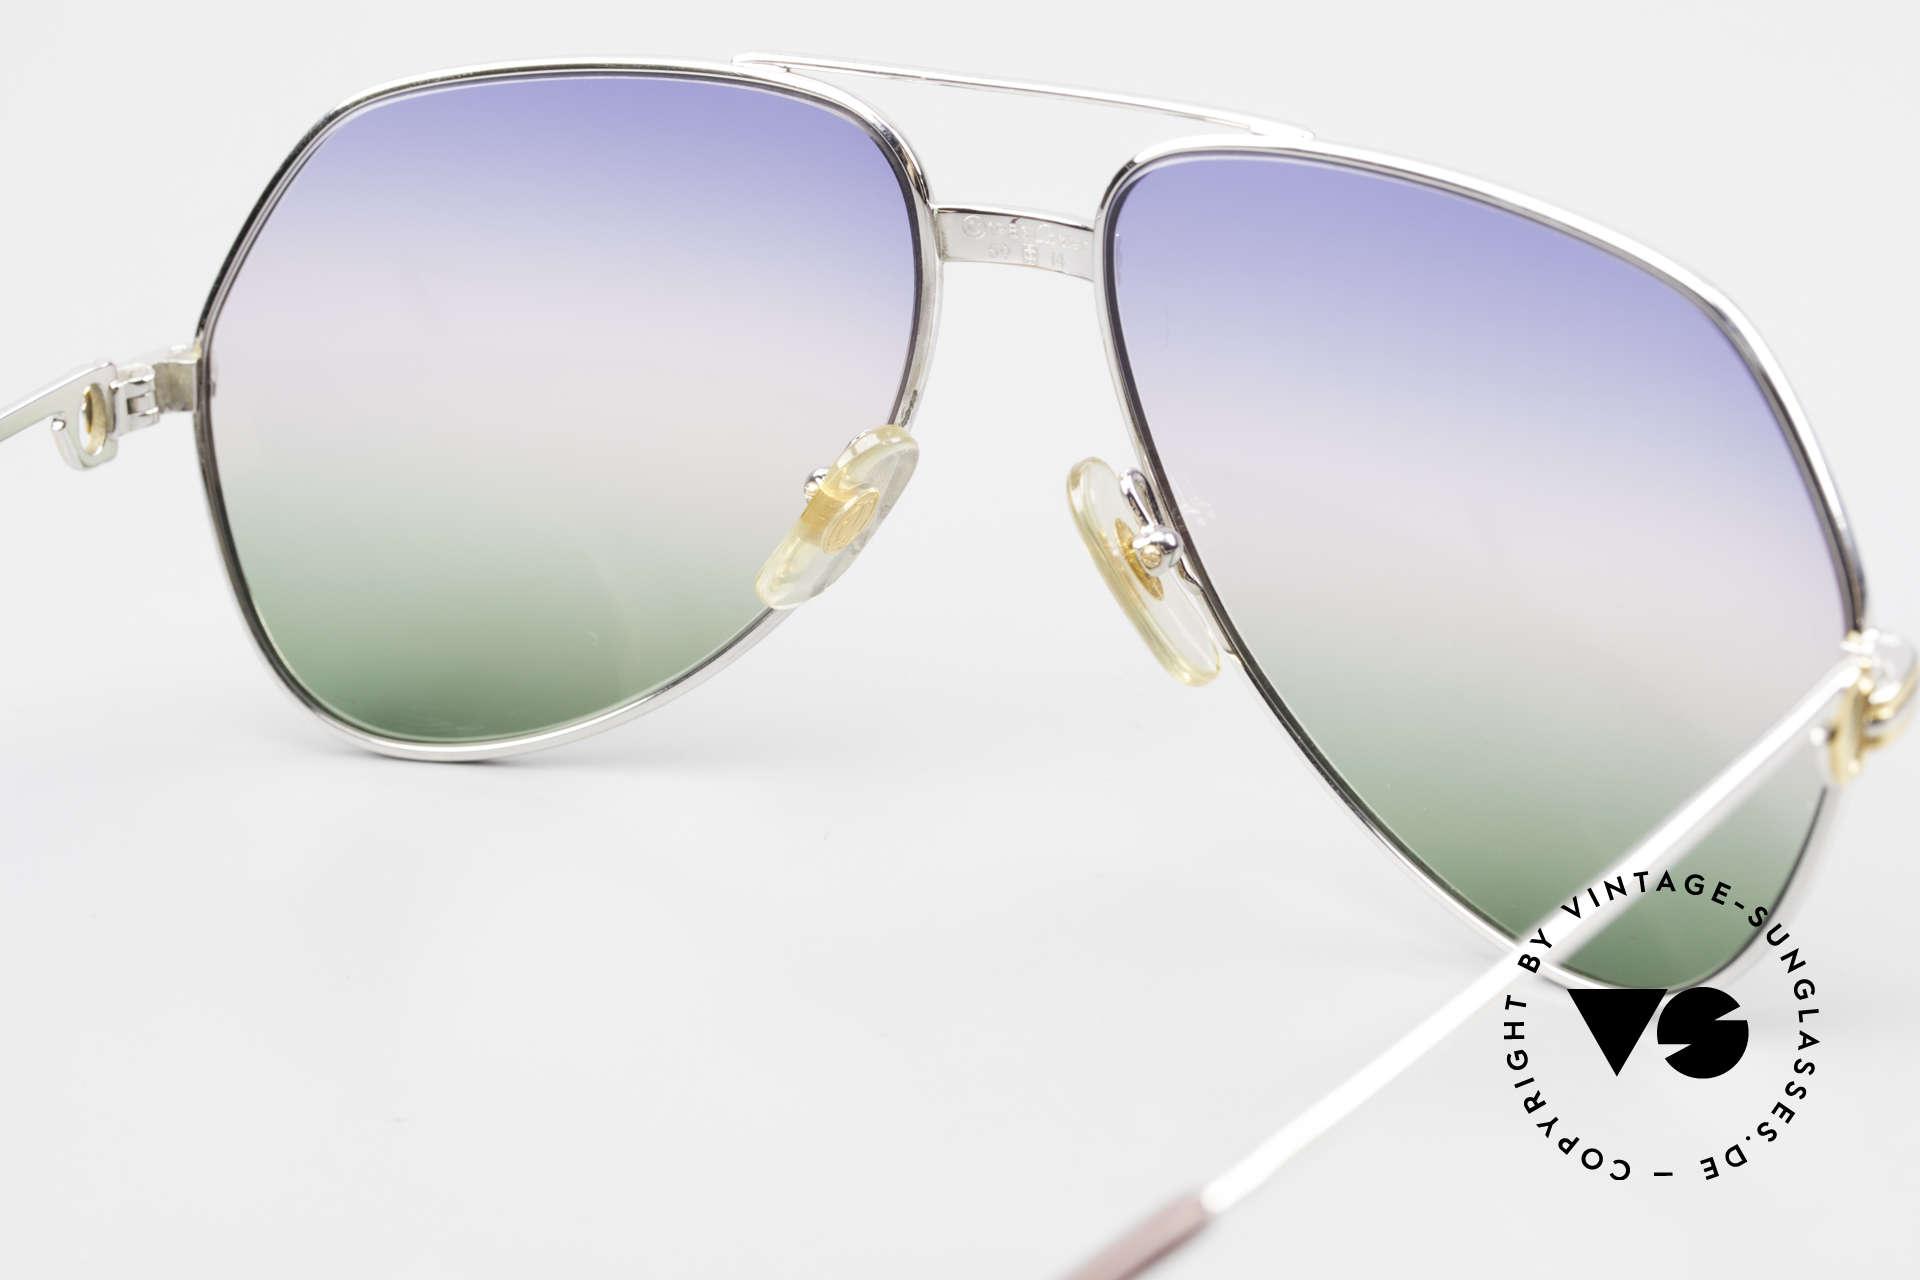 Cartier Vendome LC - M Platin 80er Brille Aviator, KEINE Retrobrille, sondern ein altes vintage ORIGINAL, Passend für Herren